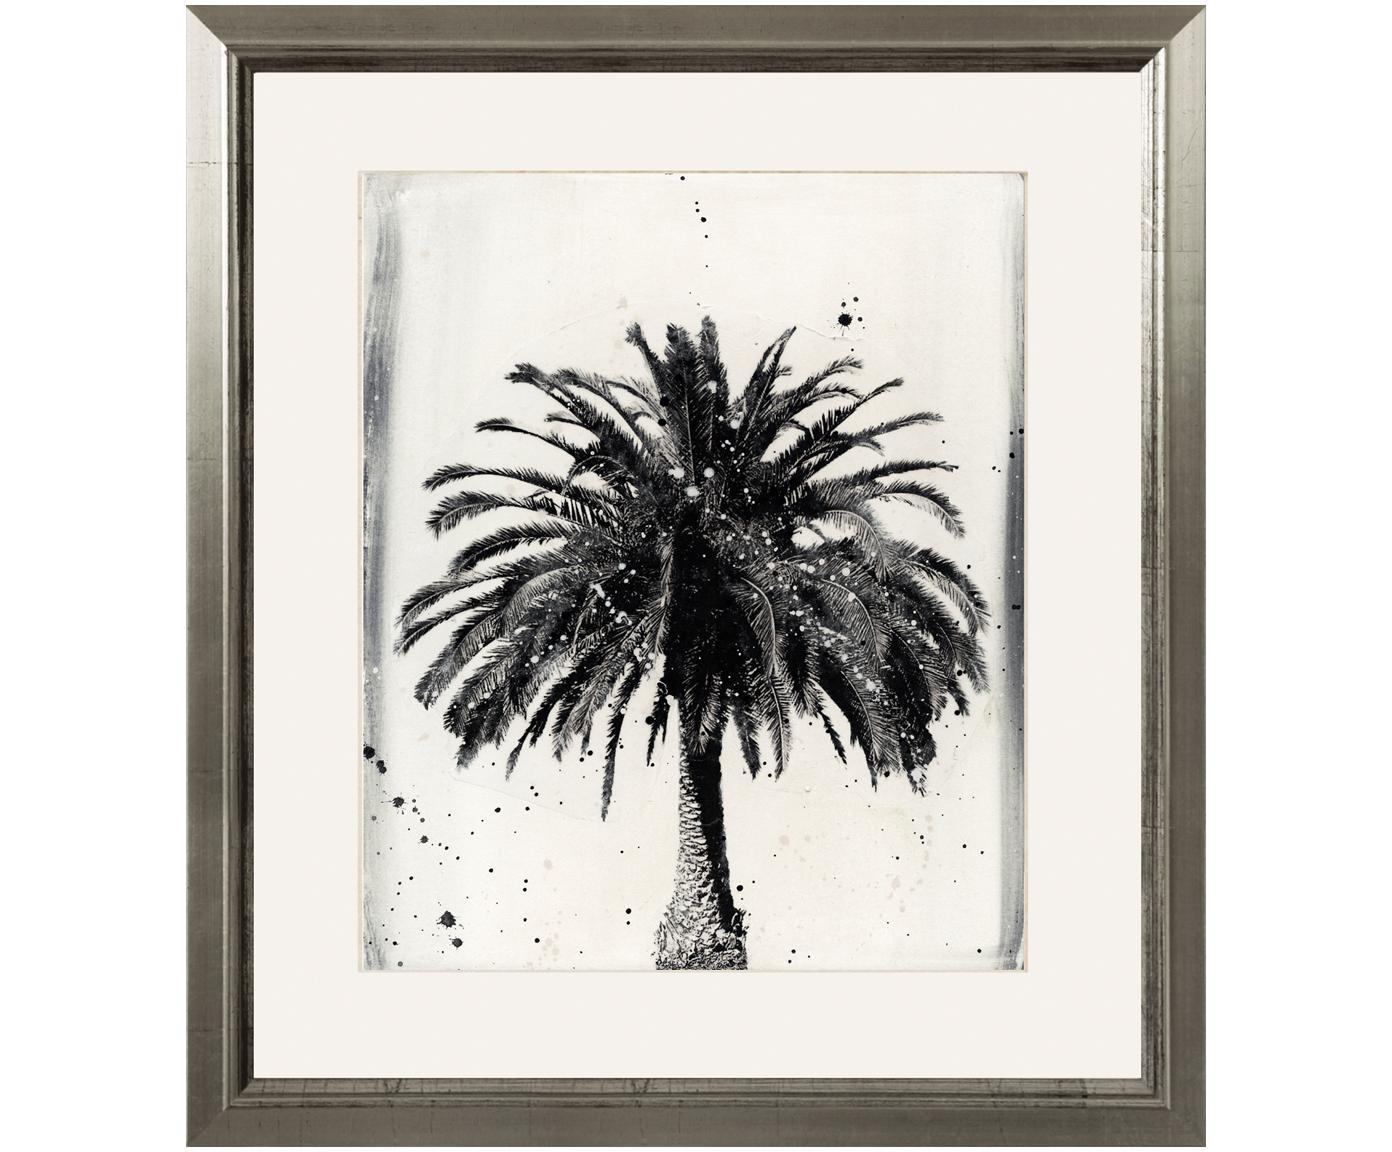 Ingelijste digitale print L.A Dream, Afbeelding: digitale print, Lijst: hout, Afbeelding: zwart, wit.  Frame: zilverkleurig, 60 x 70 cm